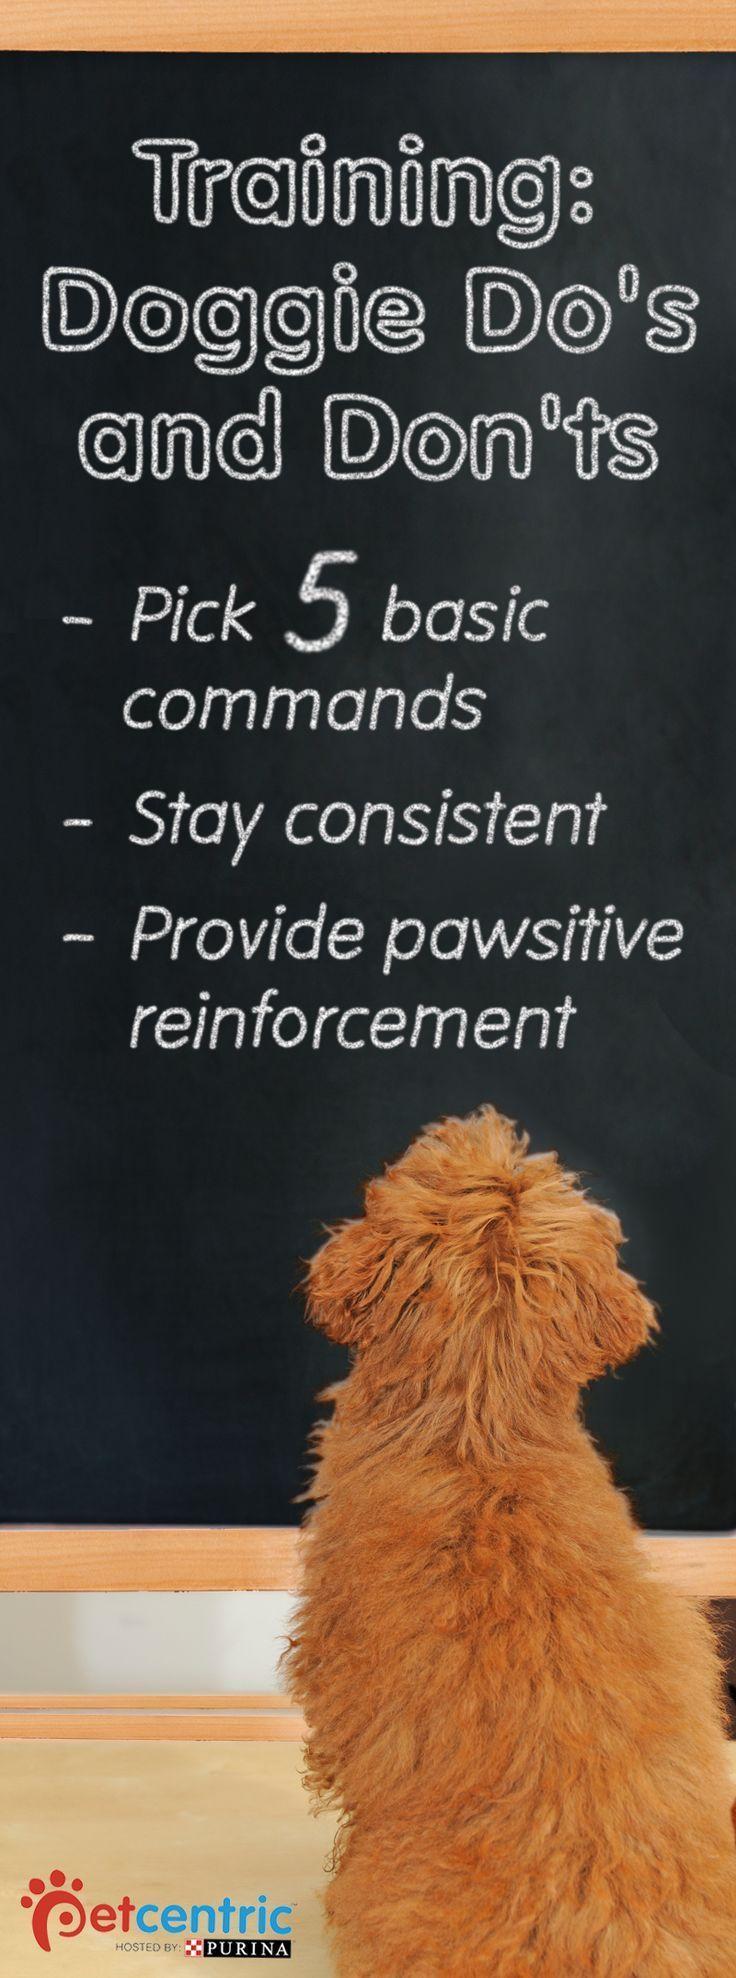 best dog training tips images on pinterest dog training dog